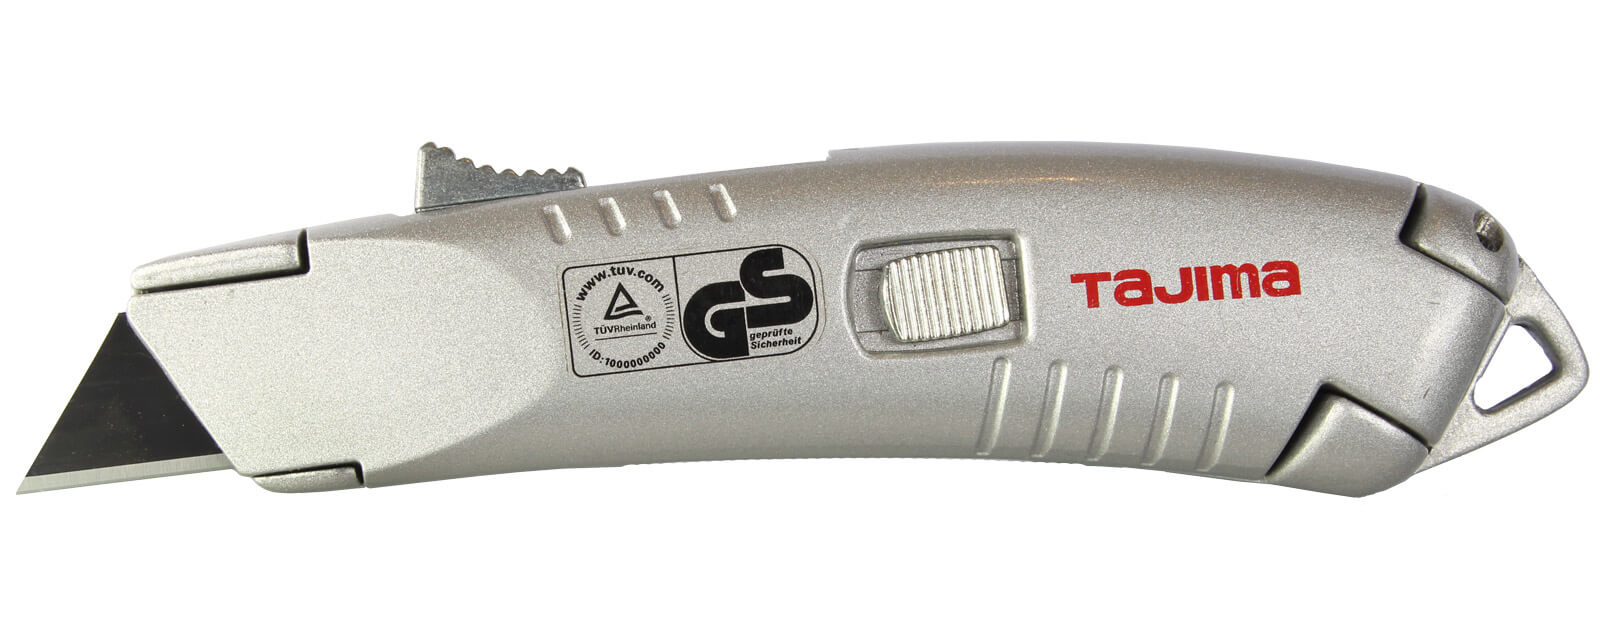 U010-Sicherheitsmesser-Premium-Metall-CURT-tools